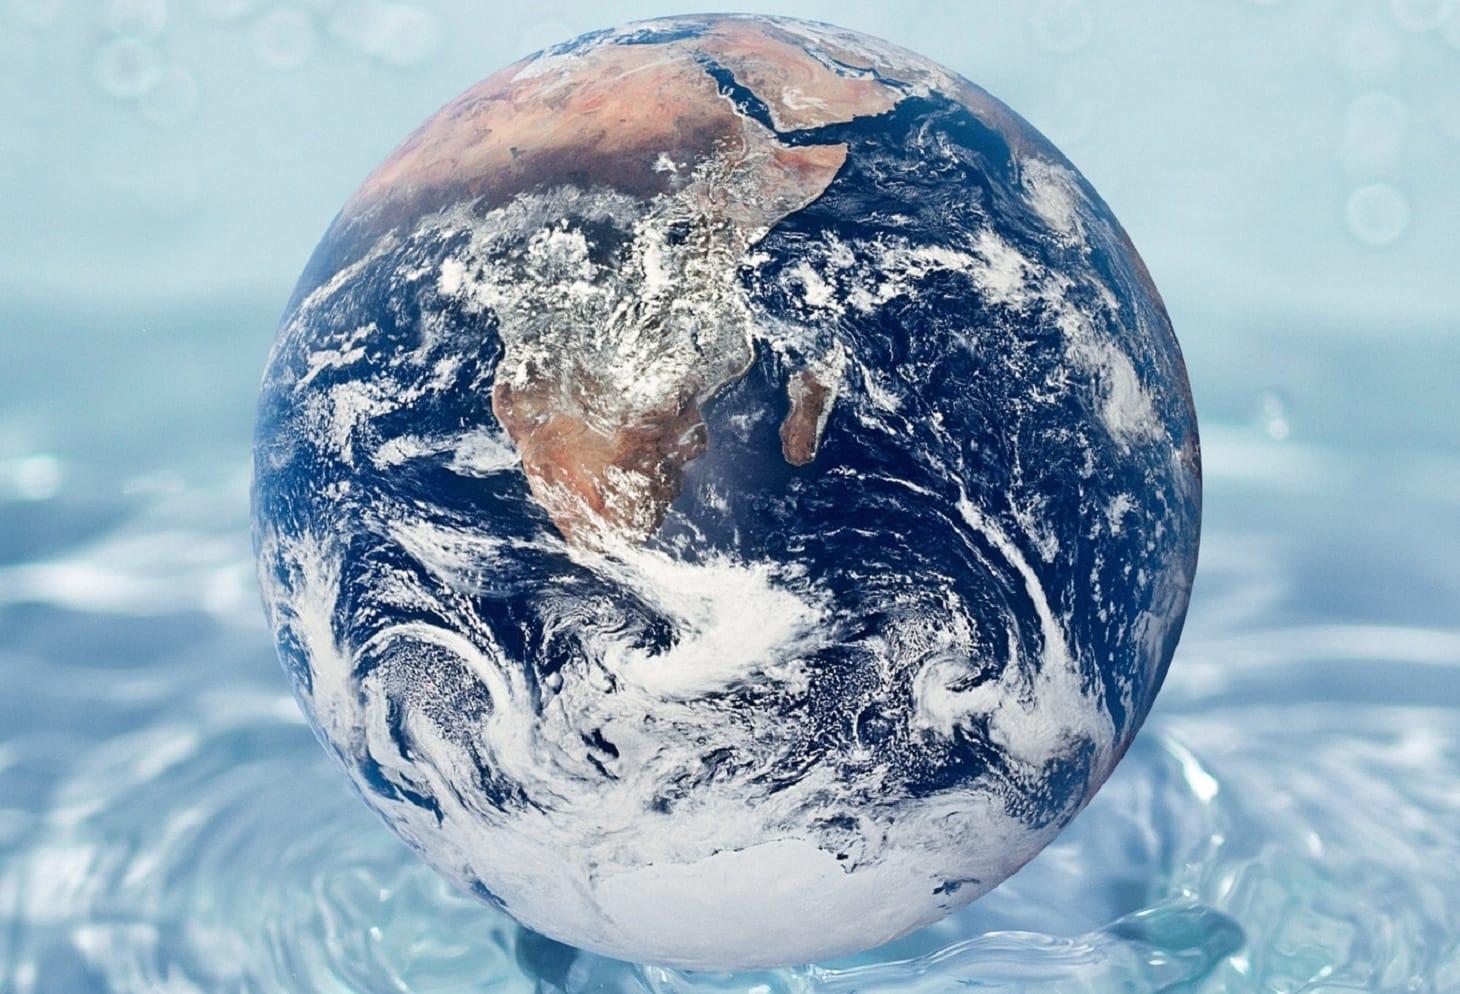 Lo stress idrico colpisce le pi grandi citt mondiali - Le fiere piu importanti nel mondo ...